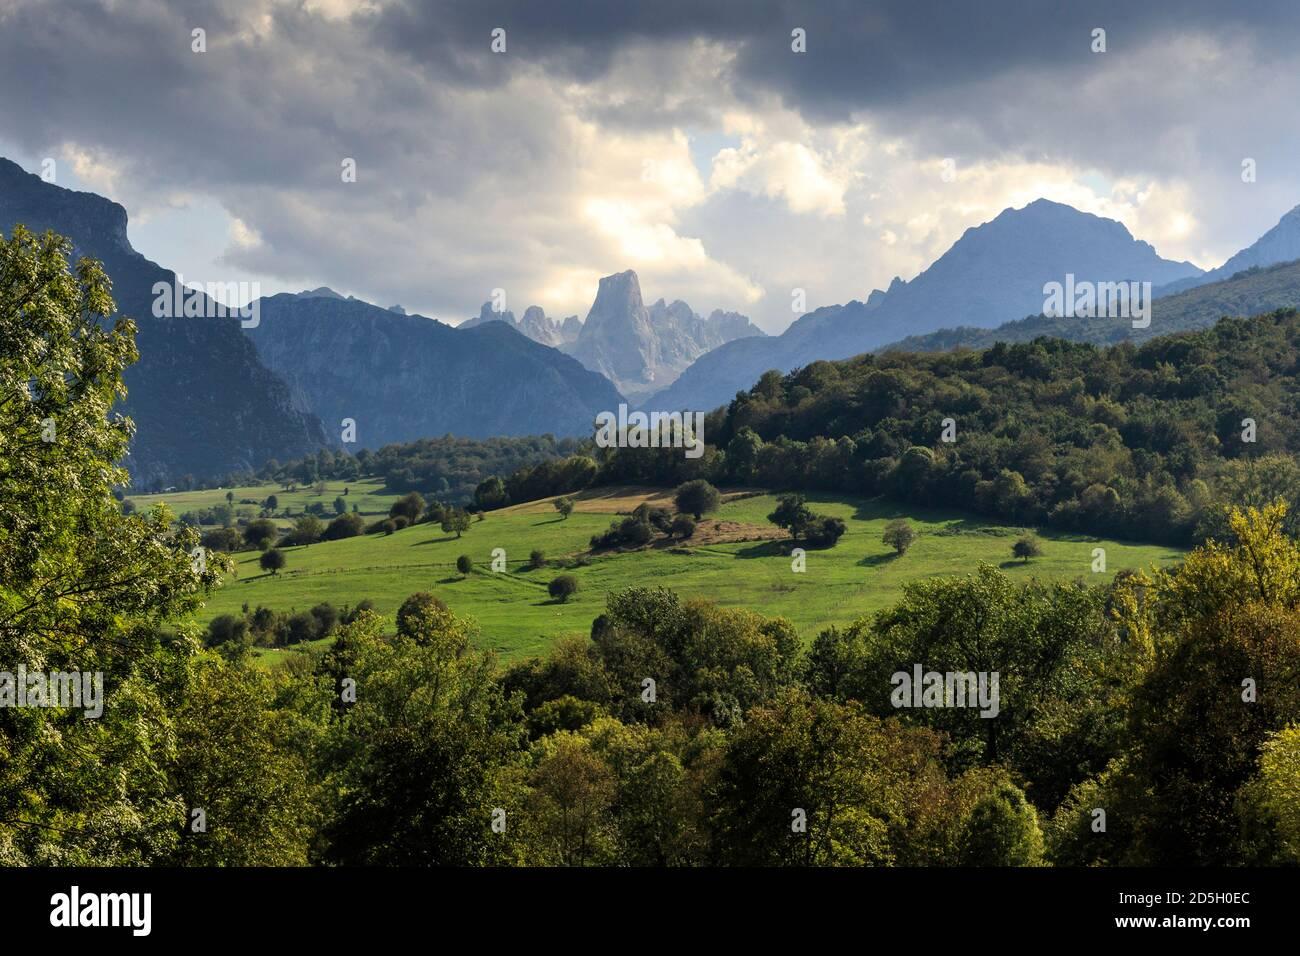 Naranjo Viewpoint Mirador De La Oración Del Pozo Naranjo De Bulnes Picos De Europa Asturias Spain Stock Photo Alamy